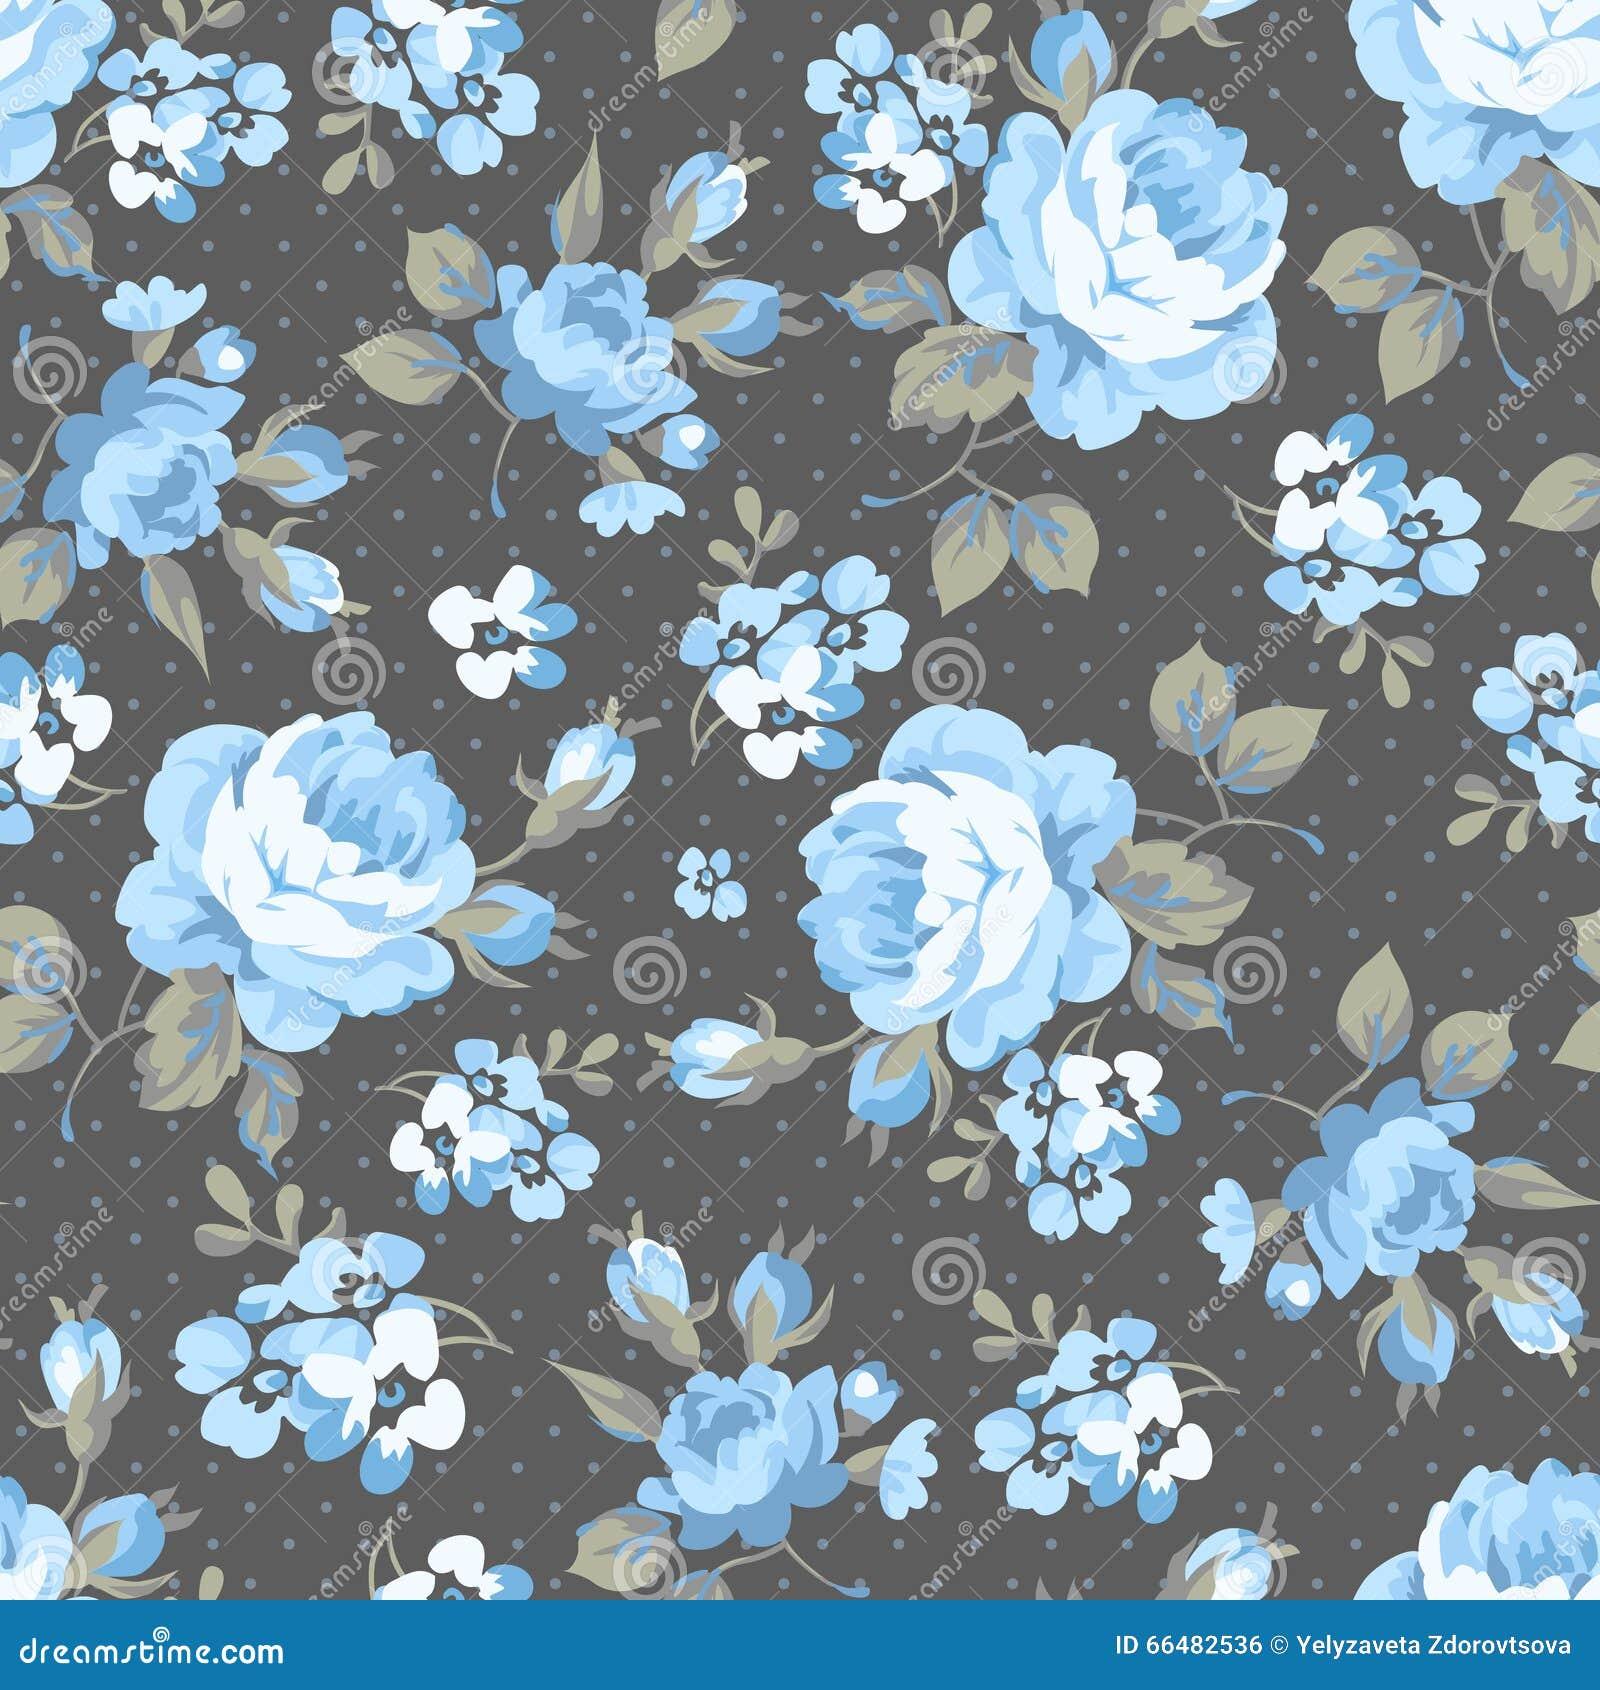 750ffd49b36c Blumenmuster Mit Blauen Rosen Vektor Abbildung - Illustration von ...